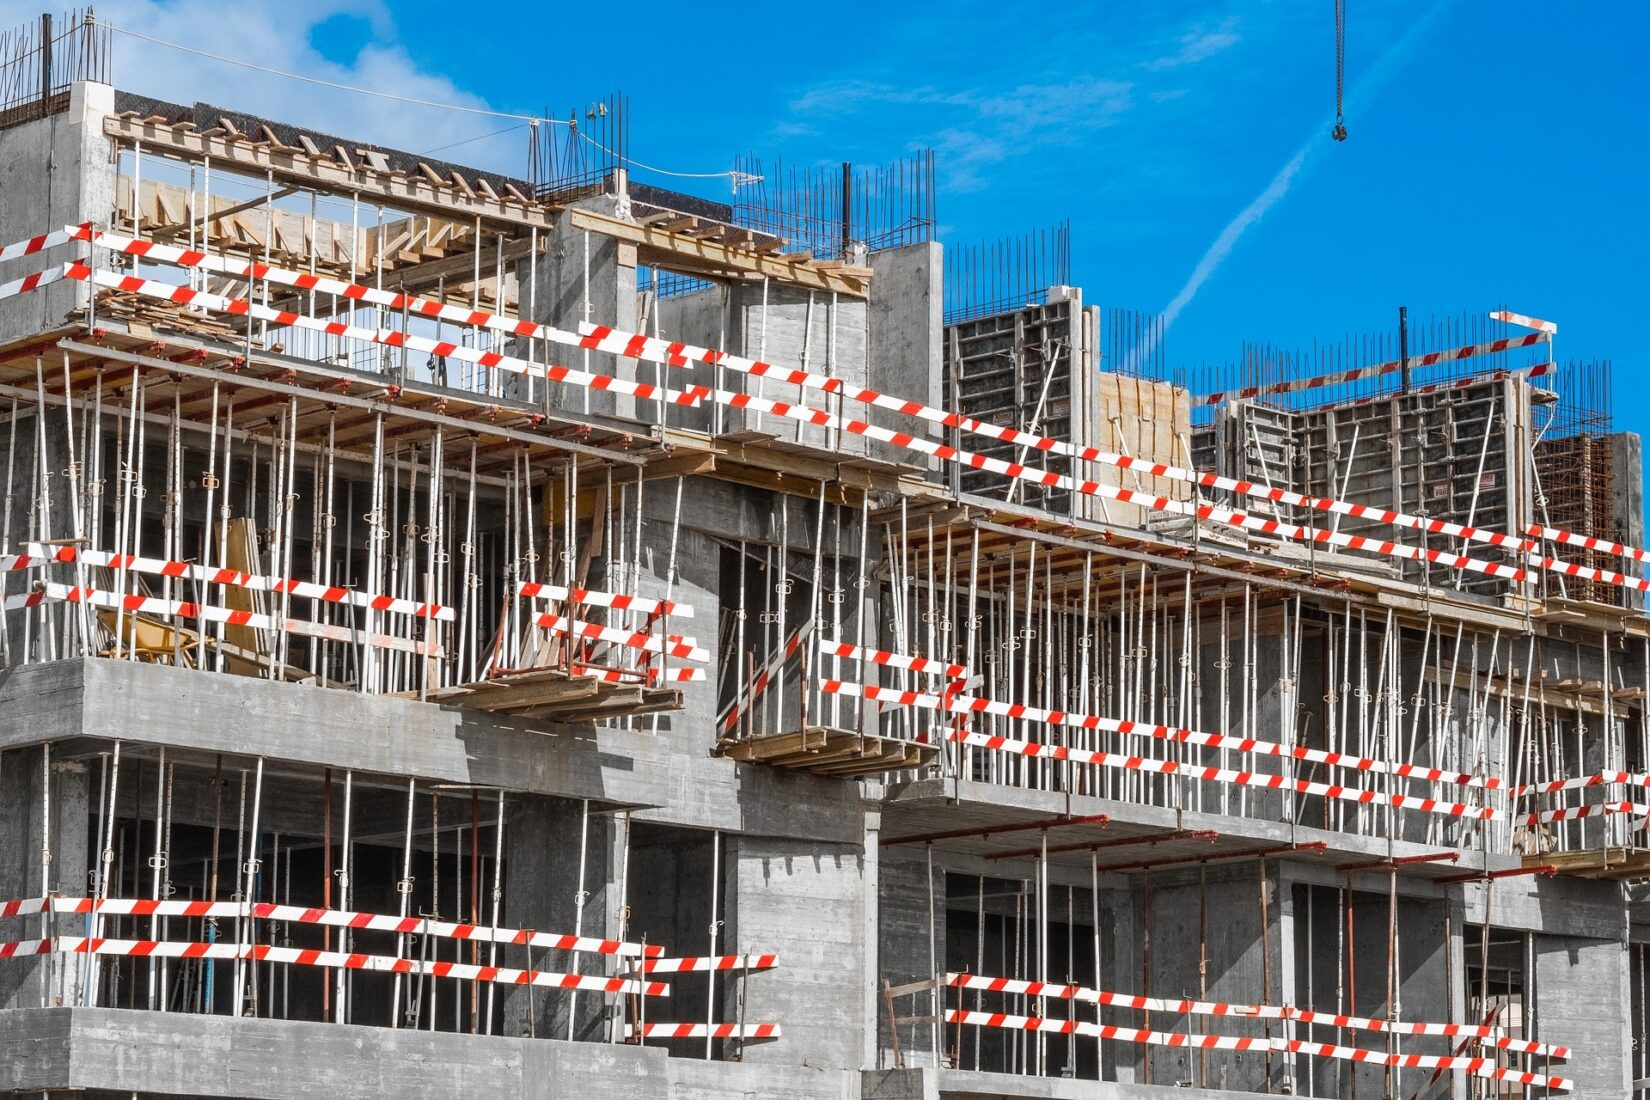 Die Wohnraumoffensive der Bundesregierung könnte ihr Ziel um 300.000 Wohnungen verfehlen.  Foto: Pixabay